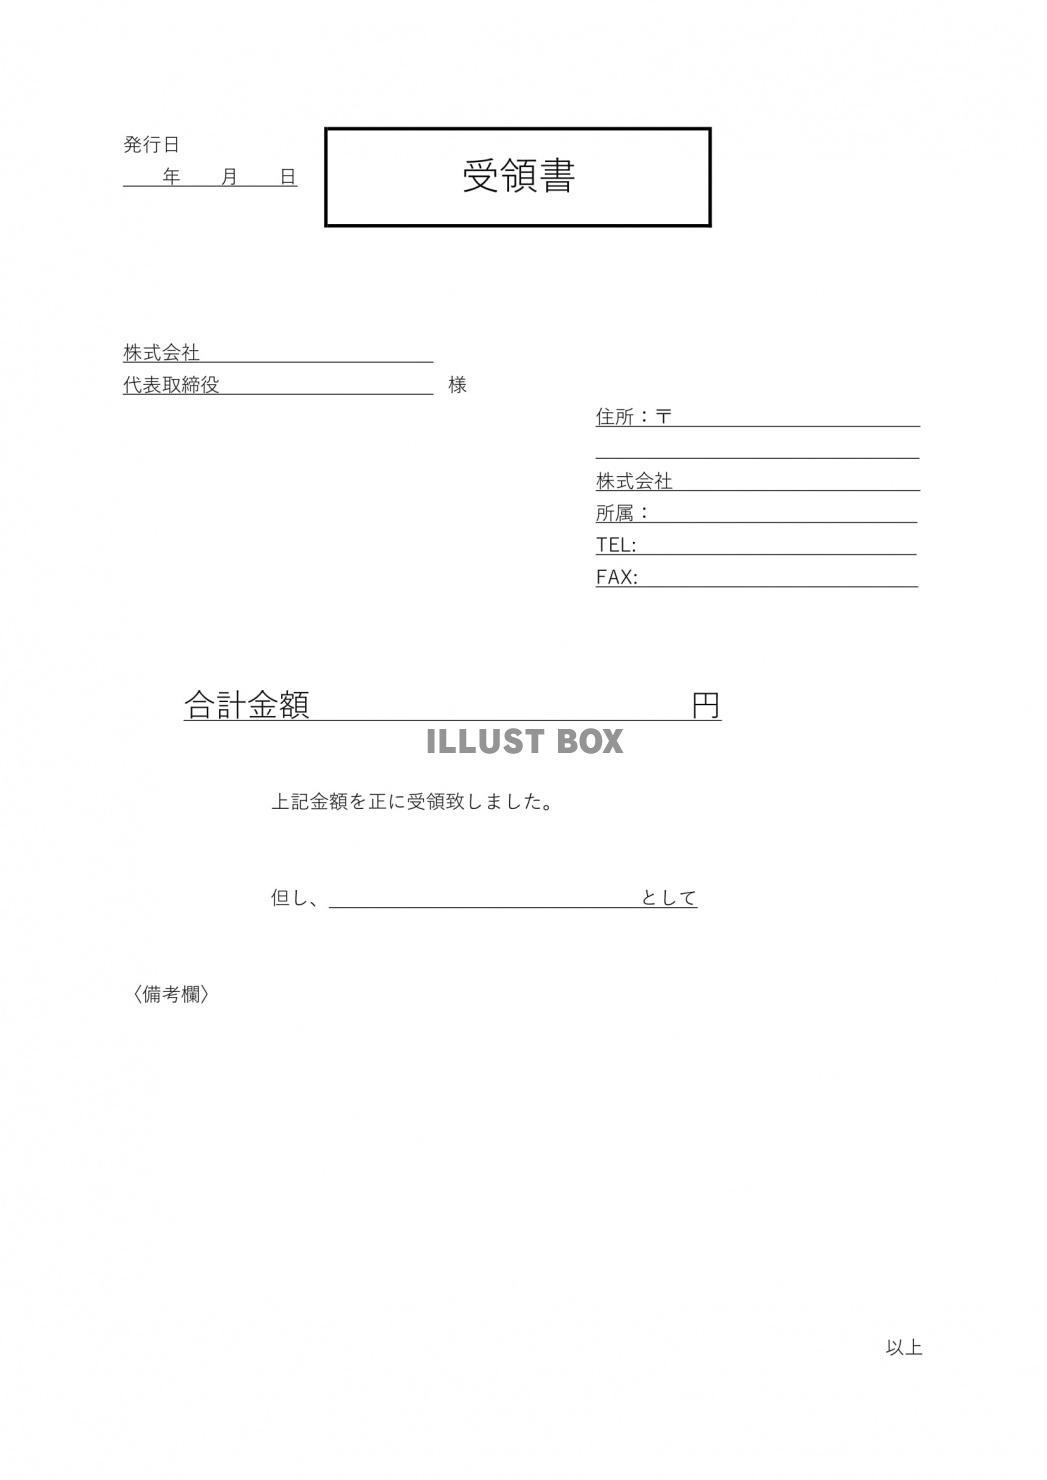 無料イラスト シンプルで書き方も簡単な受領書「エクセル・ワード・PDF ...